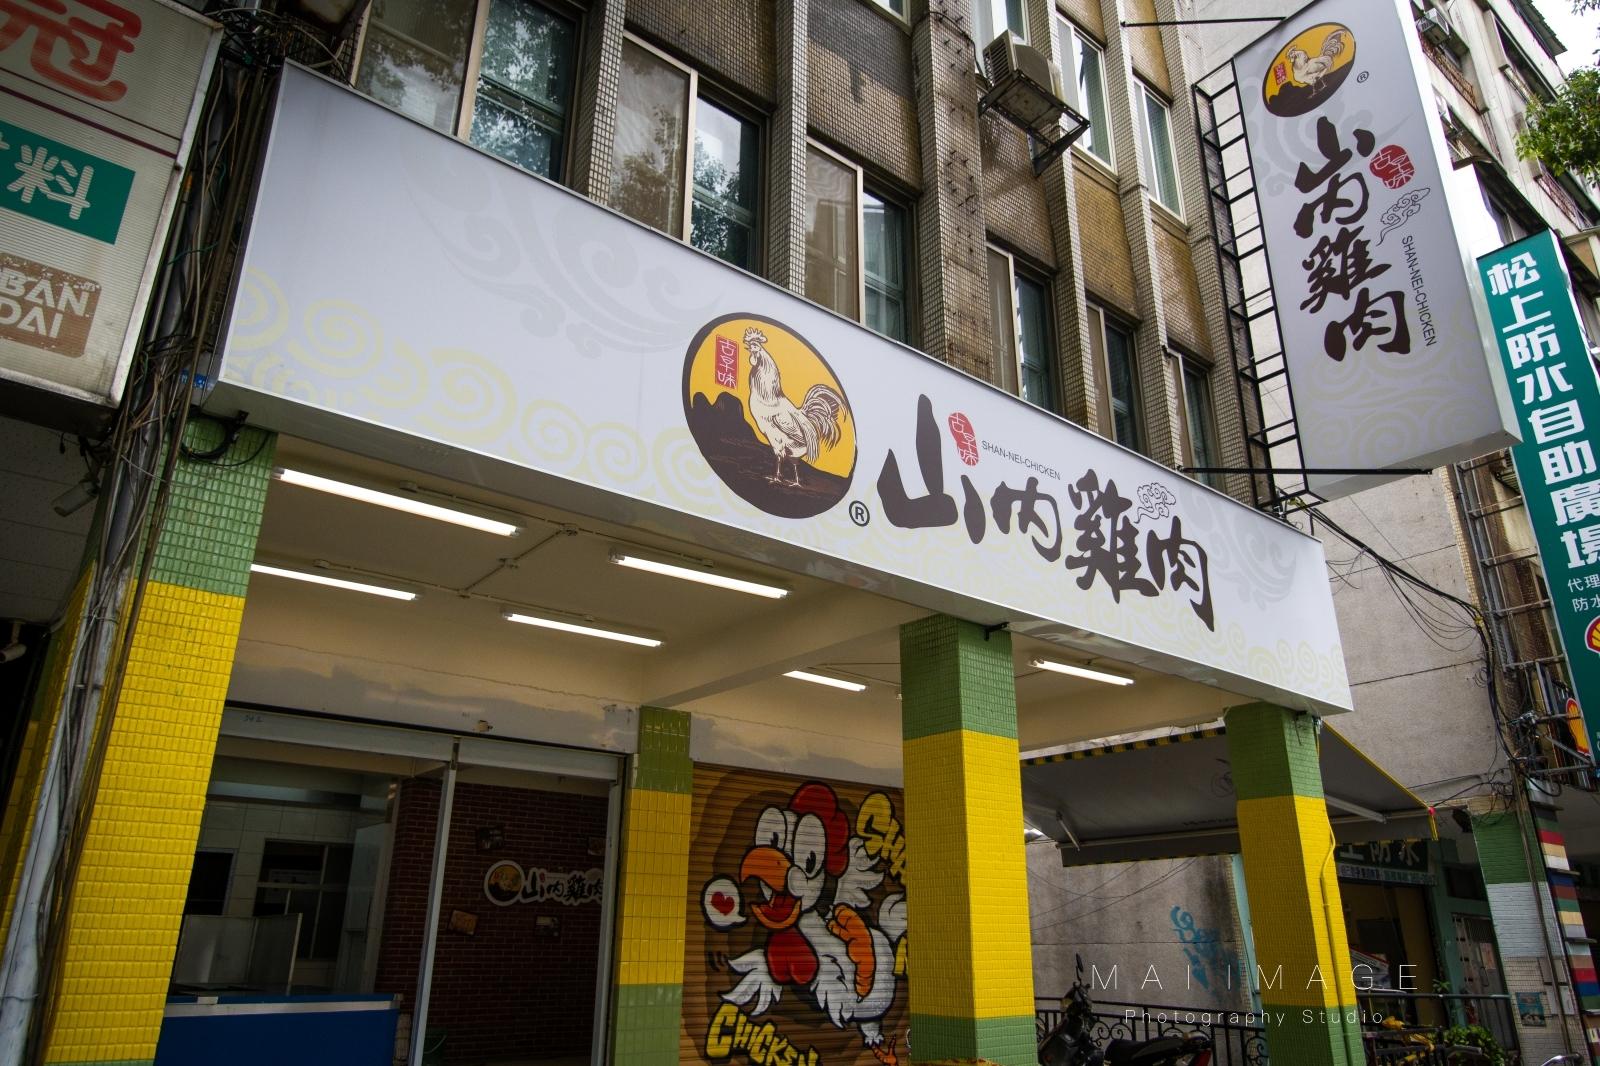 台北美食|『山內雞肉古亭店』~米其林指南必比登推薦南機場夜市裡一位難求的雞肉專賣店要開分店囉。古亭雞肉飯